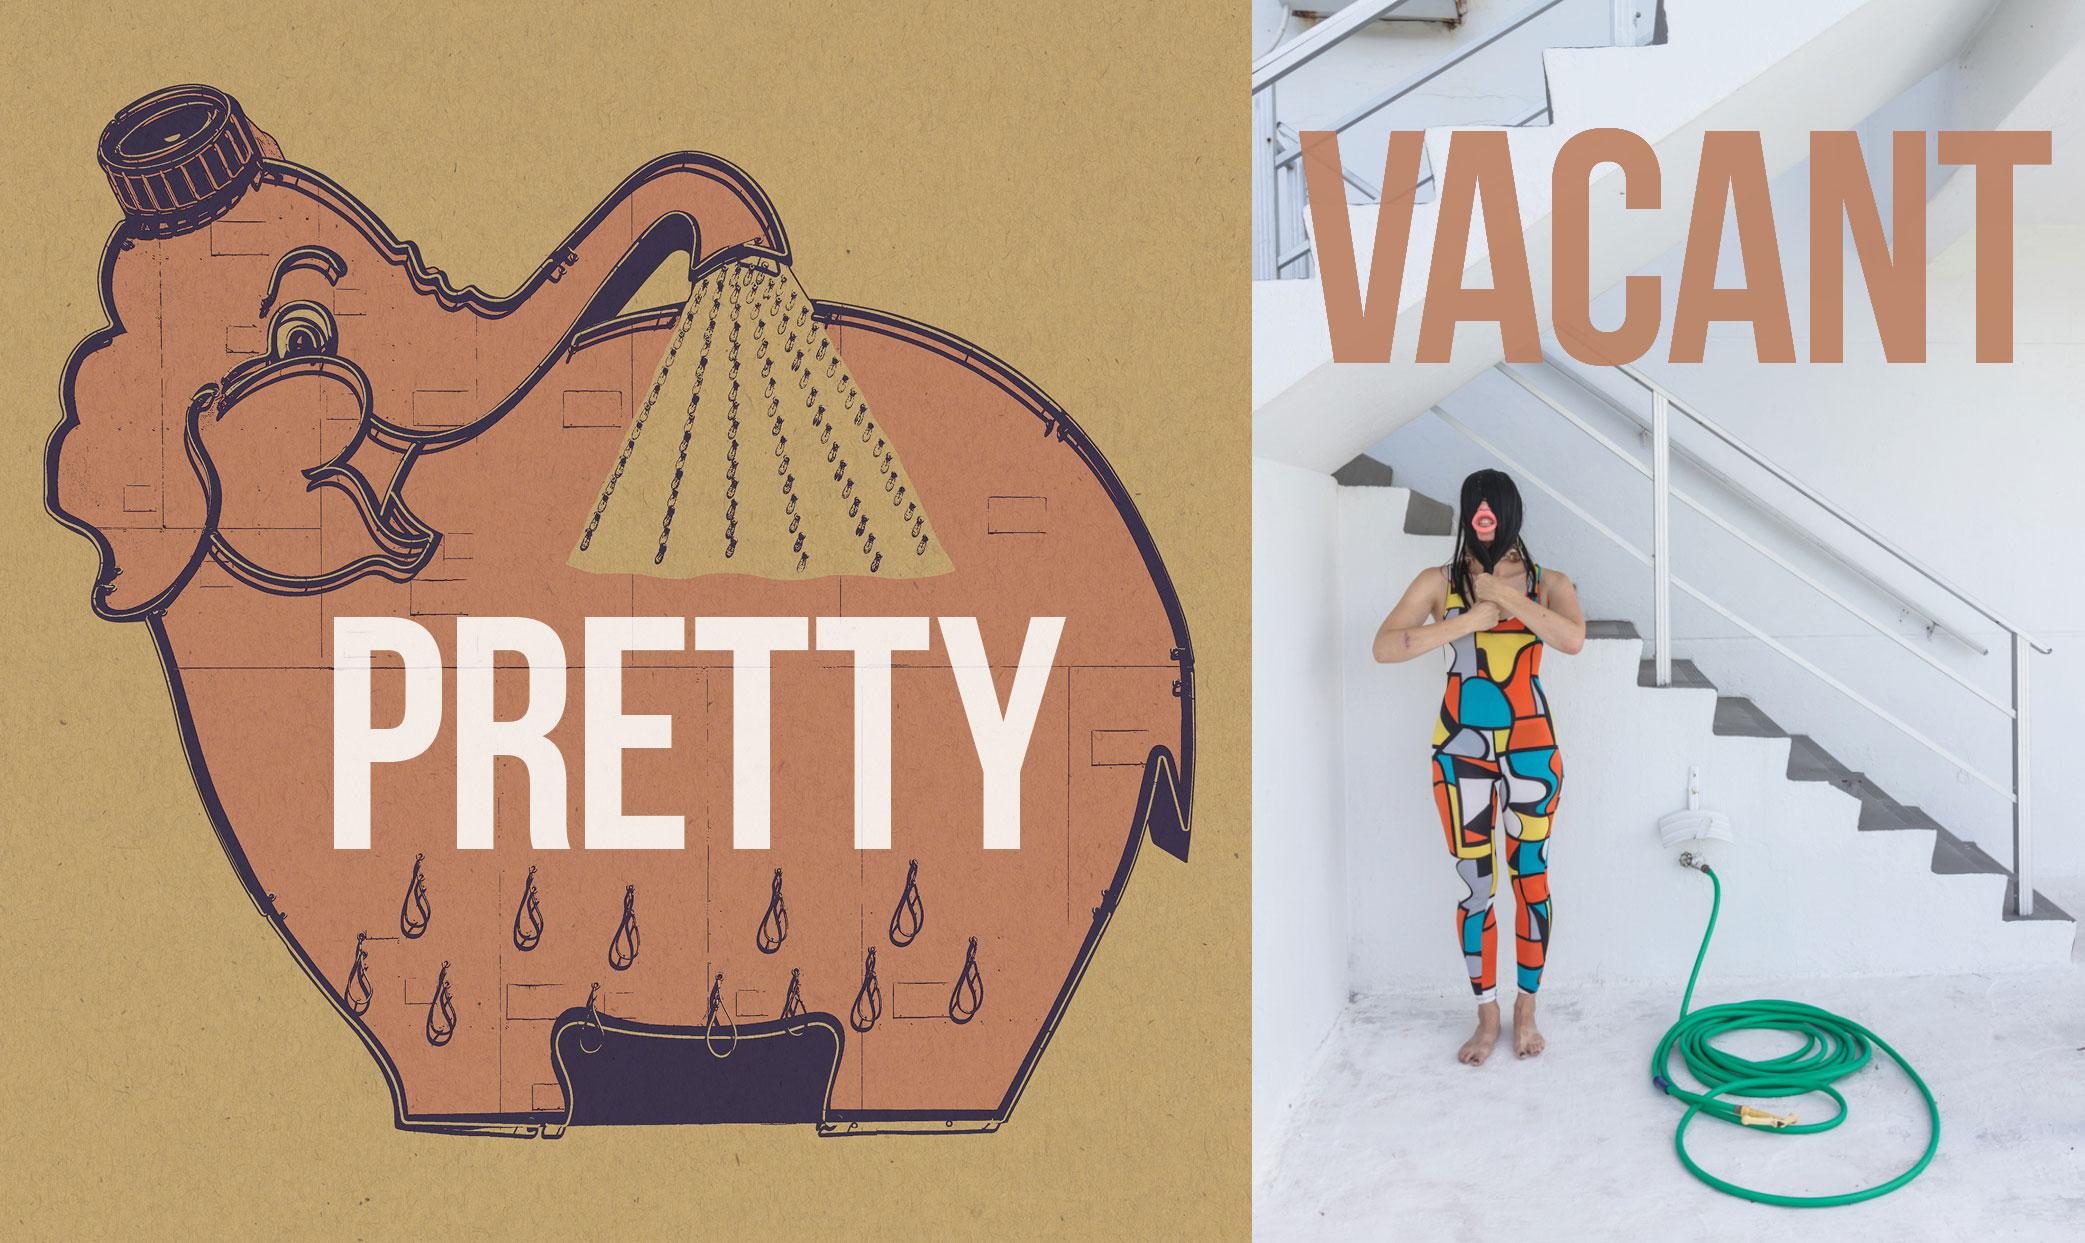 Pretty-Vacant_show-promo.jpg